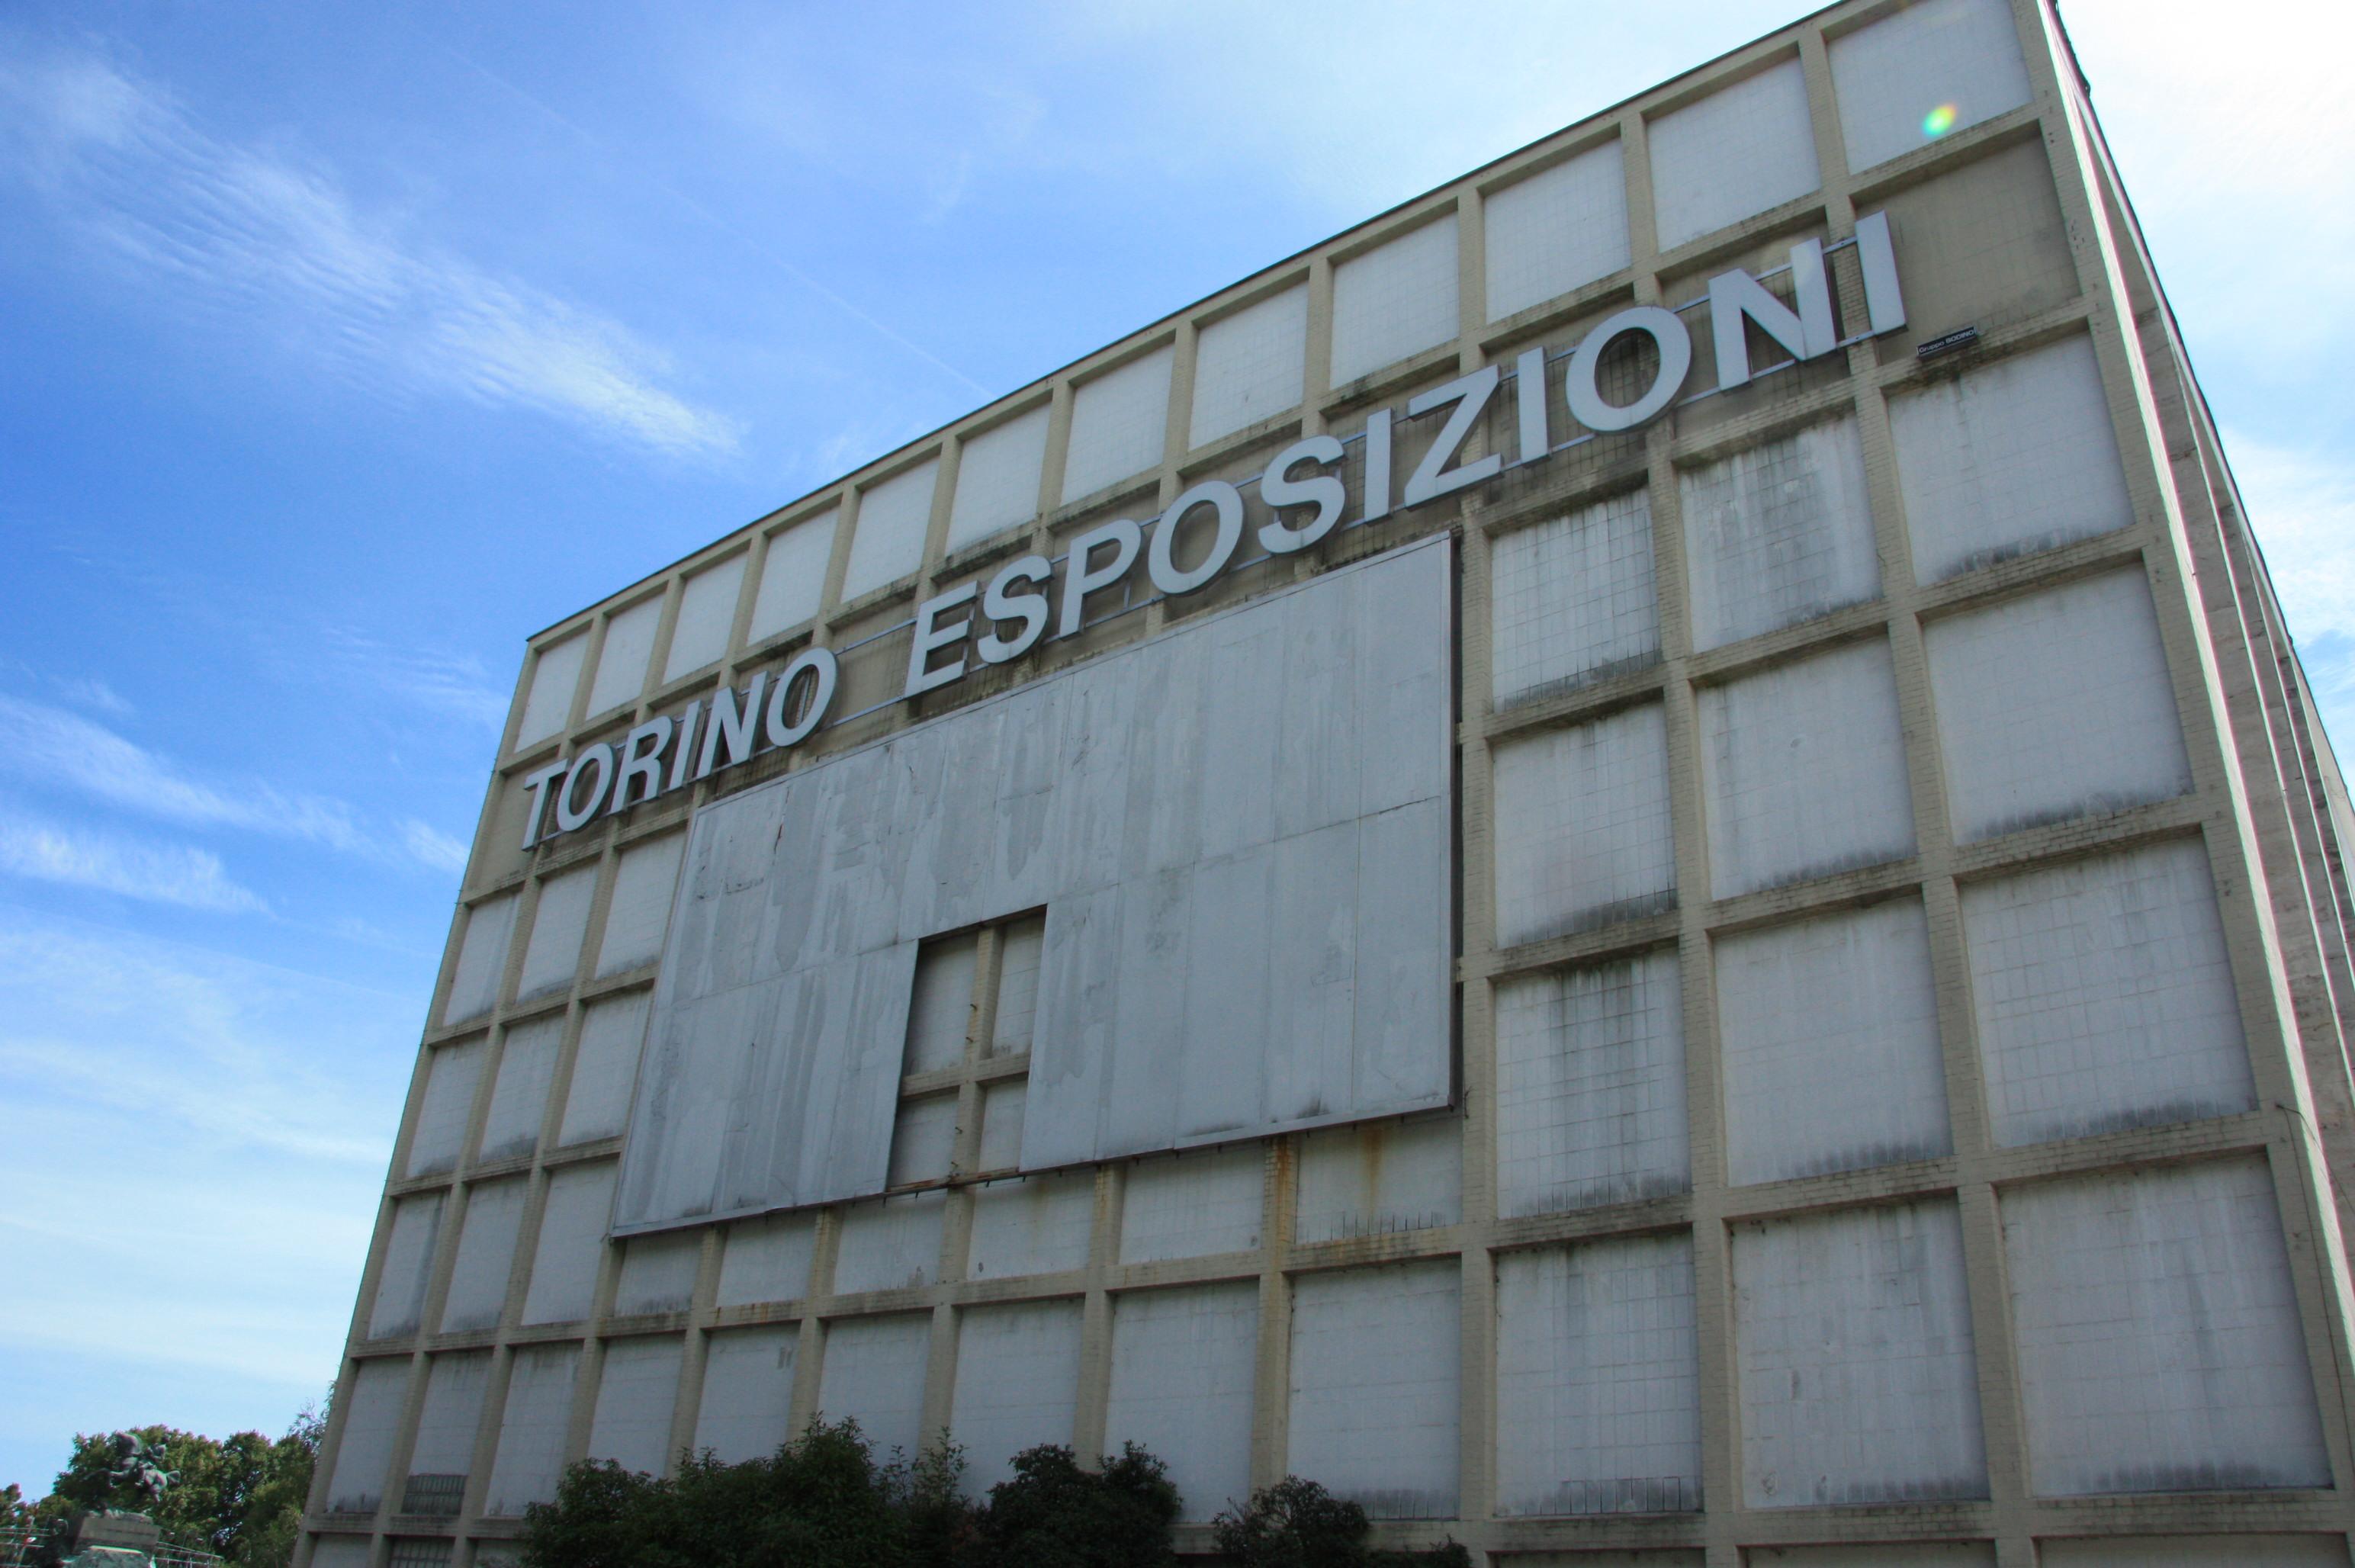 Torino esposizioni isola e moneo si aggiudicano il bando for Architetti torino